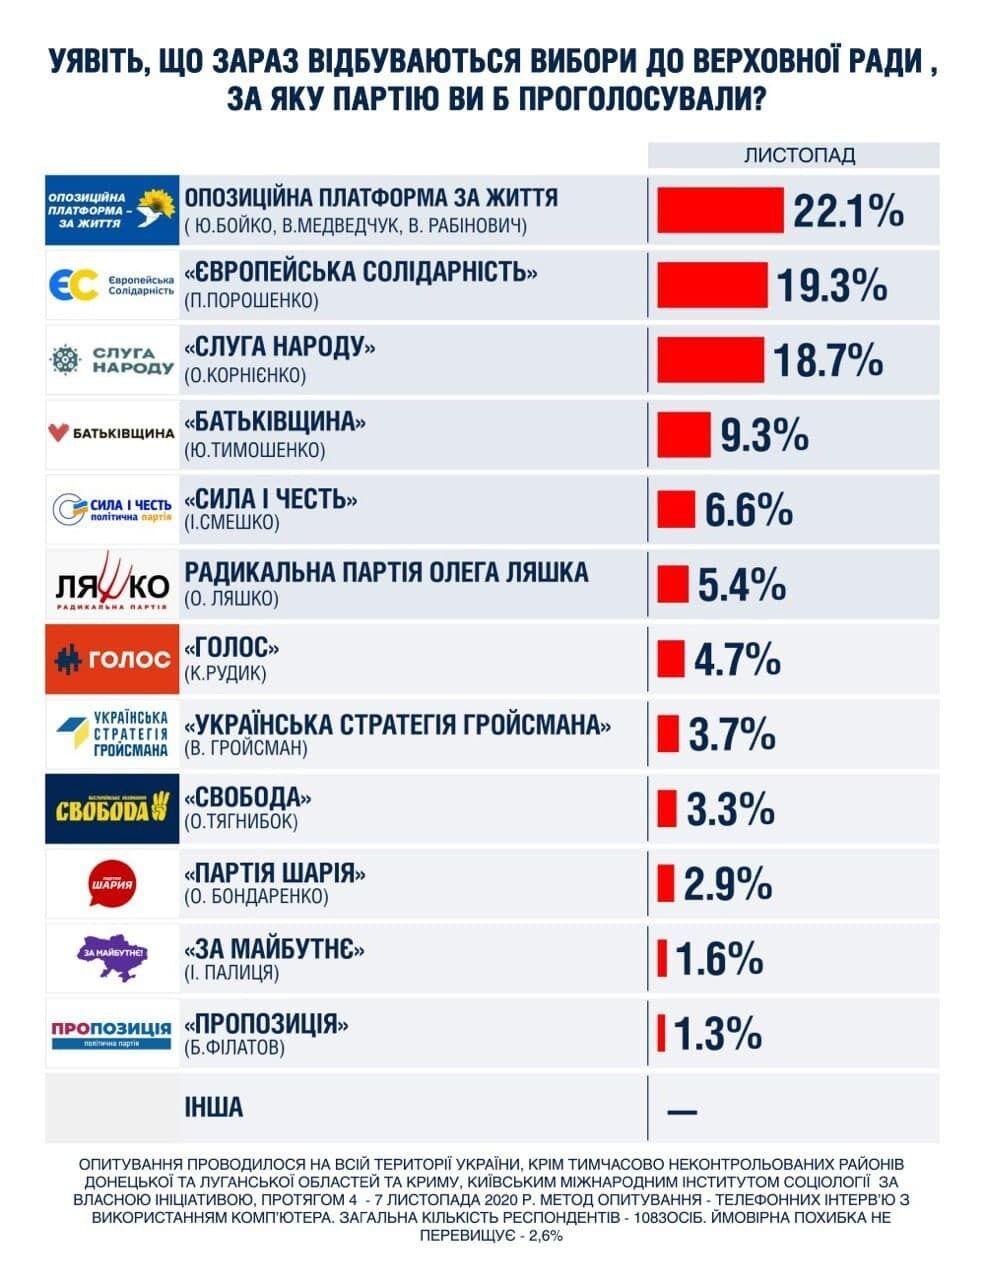 На выборах в Раду ОПЗЖ могли поддержать 22,1% избирателей